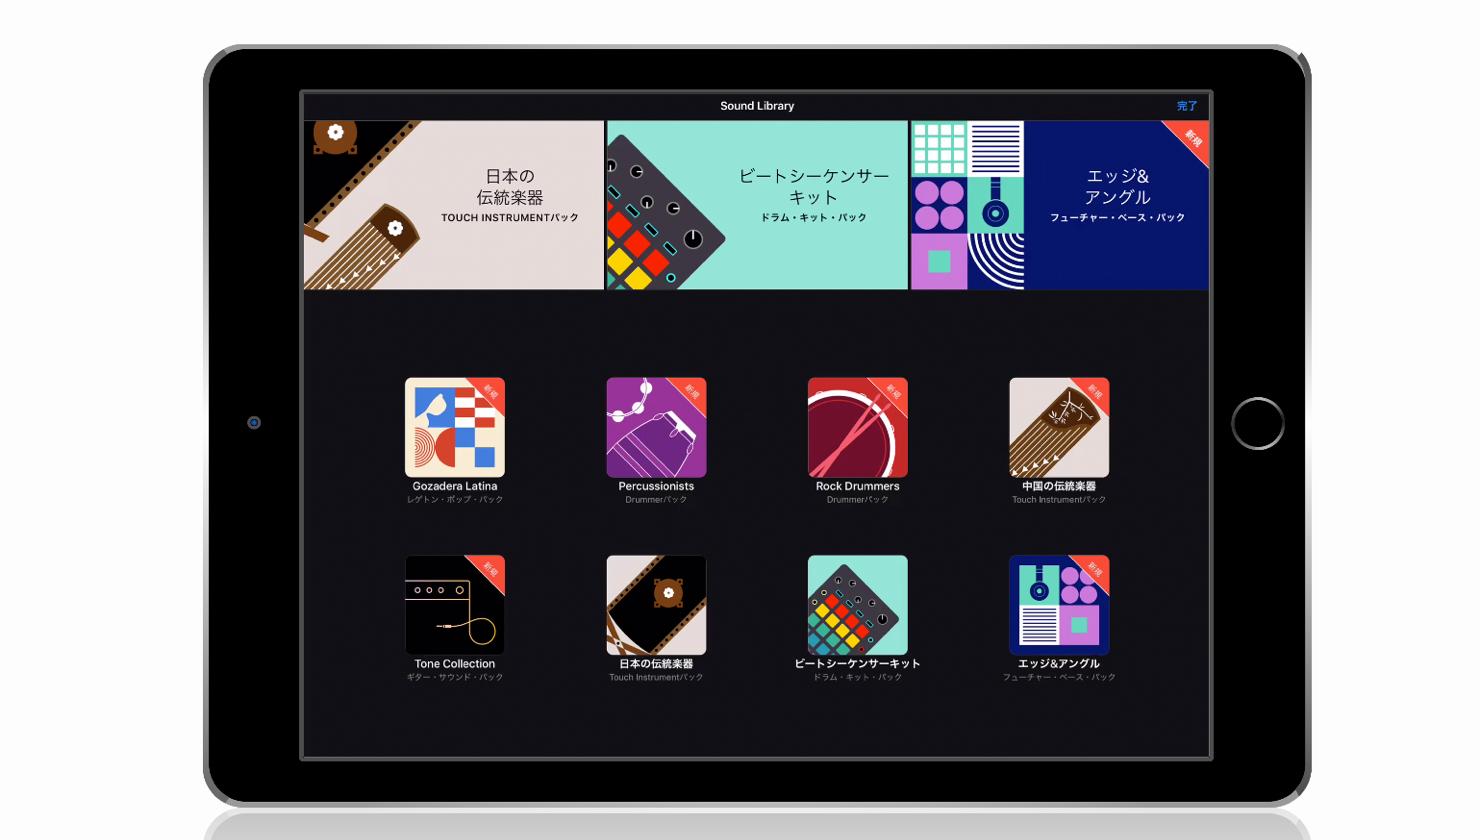 無料で使えるGarageBand iOSがVer.2.3へアップデート!追加音源も無料!